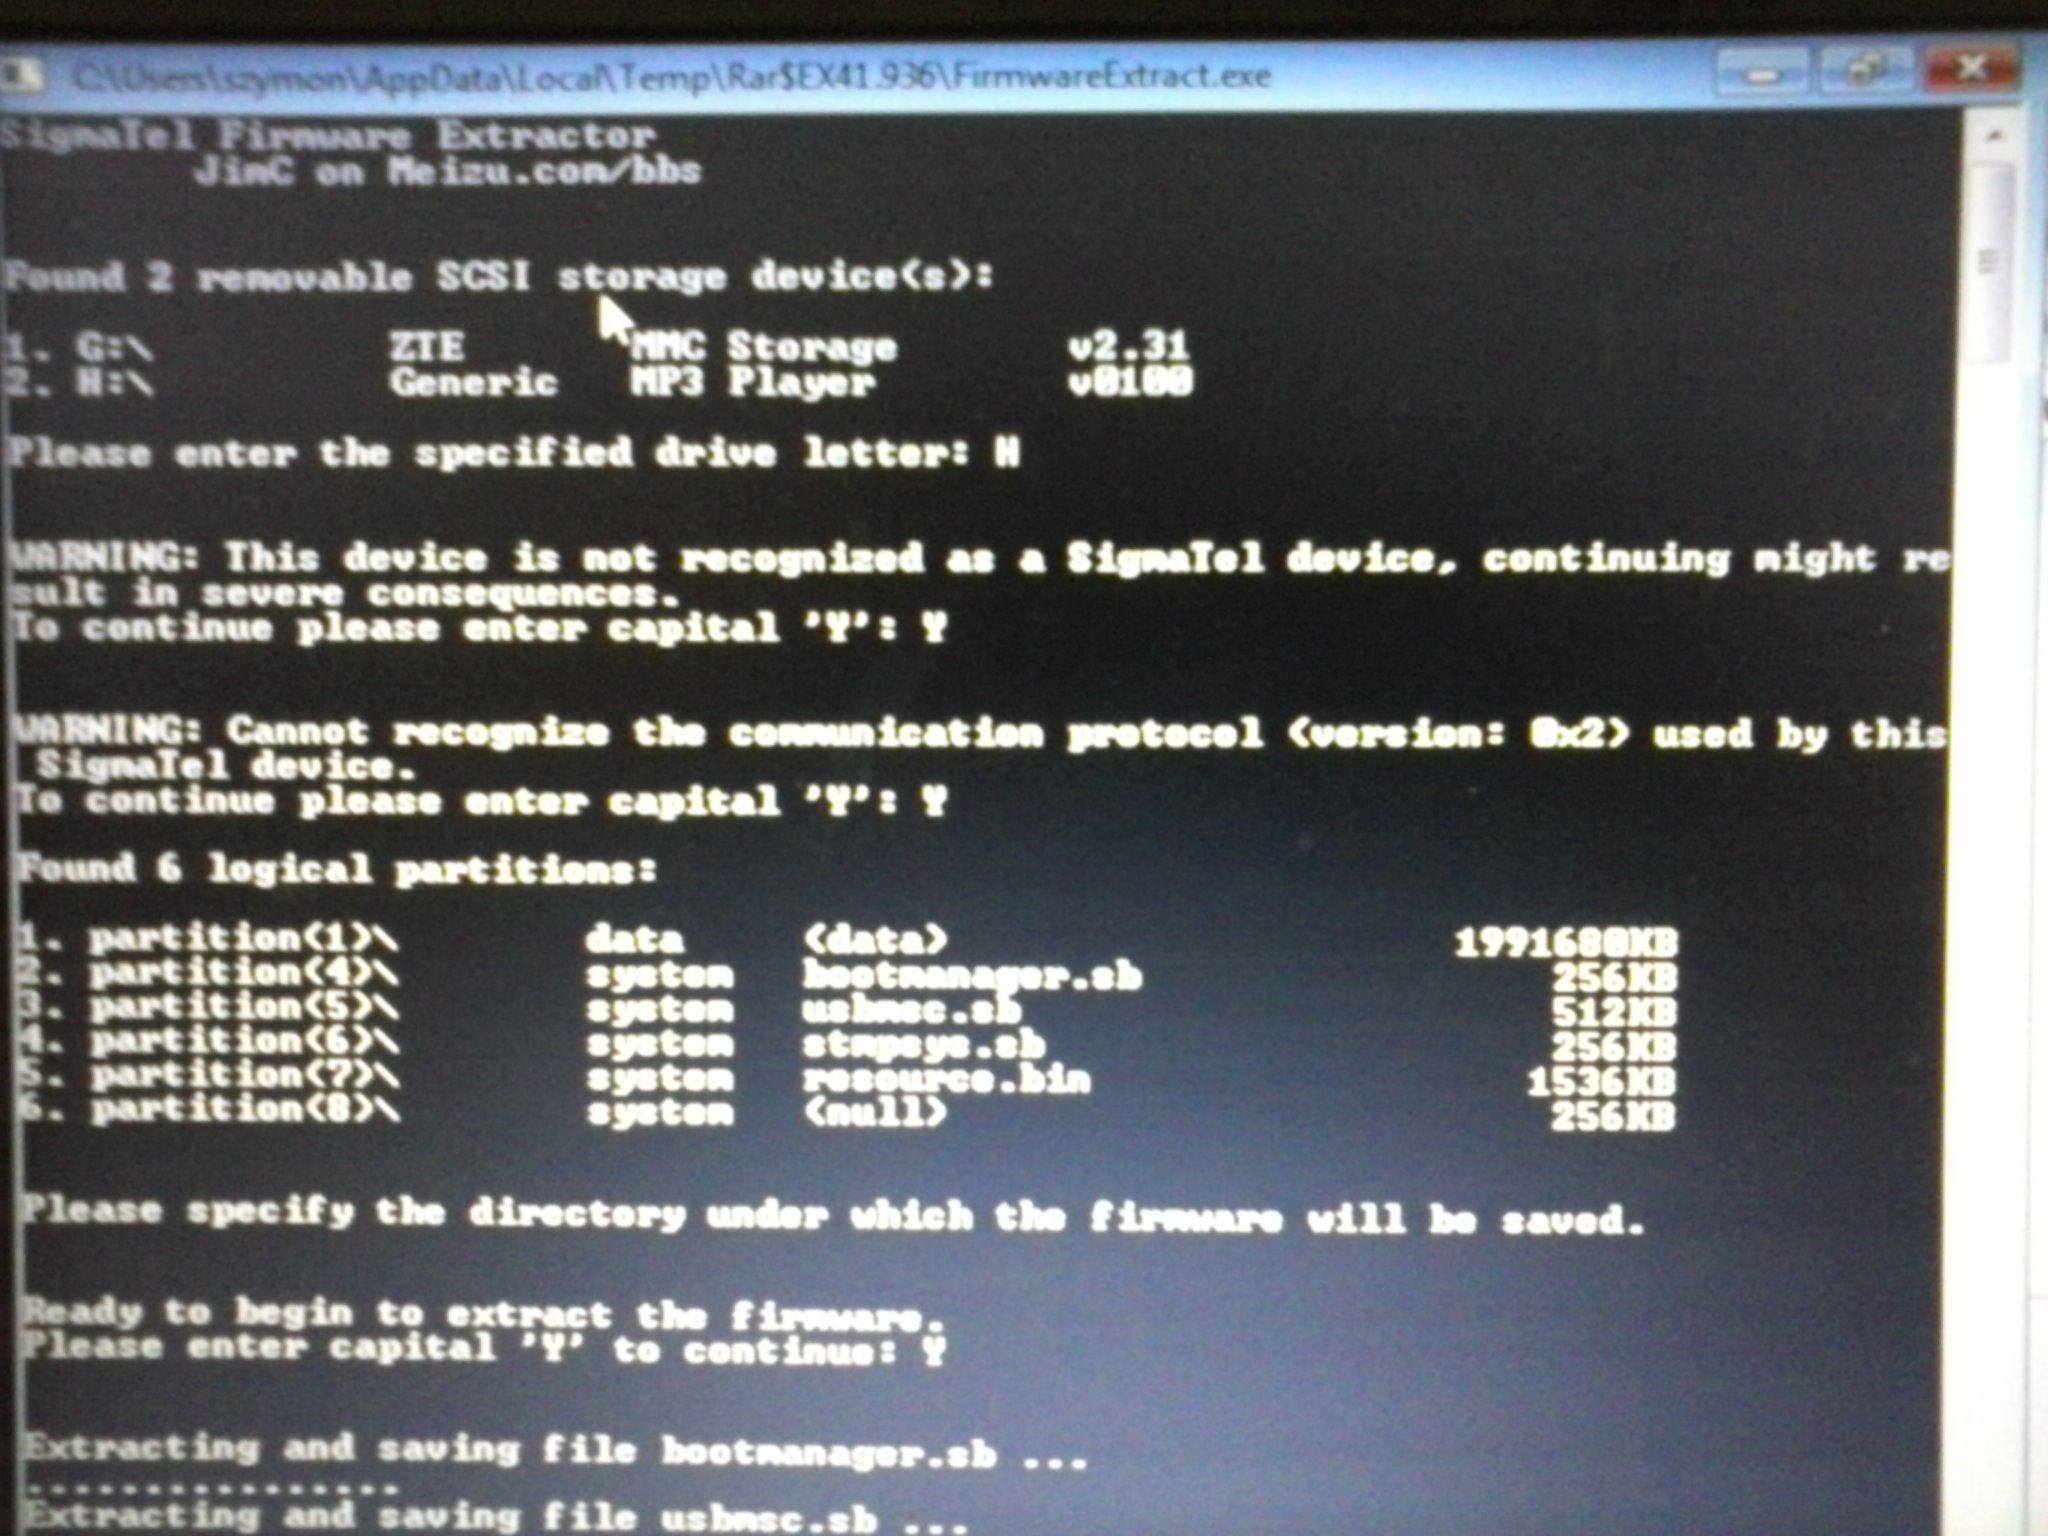 Wielka baza firmware do odtwarzaczy mp3 na ko�ciach Sigmatel